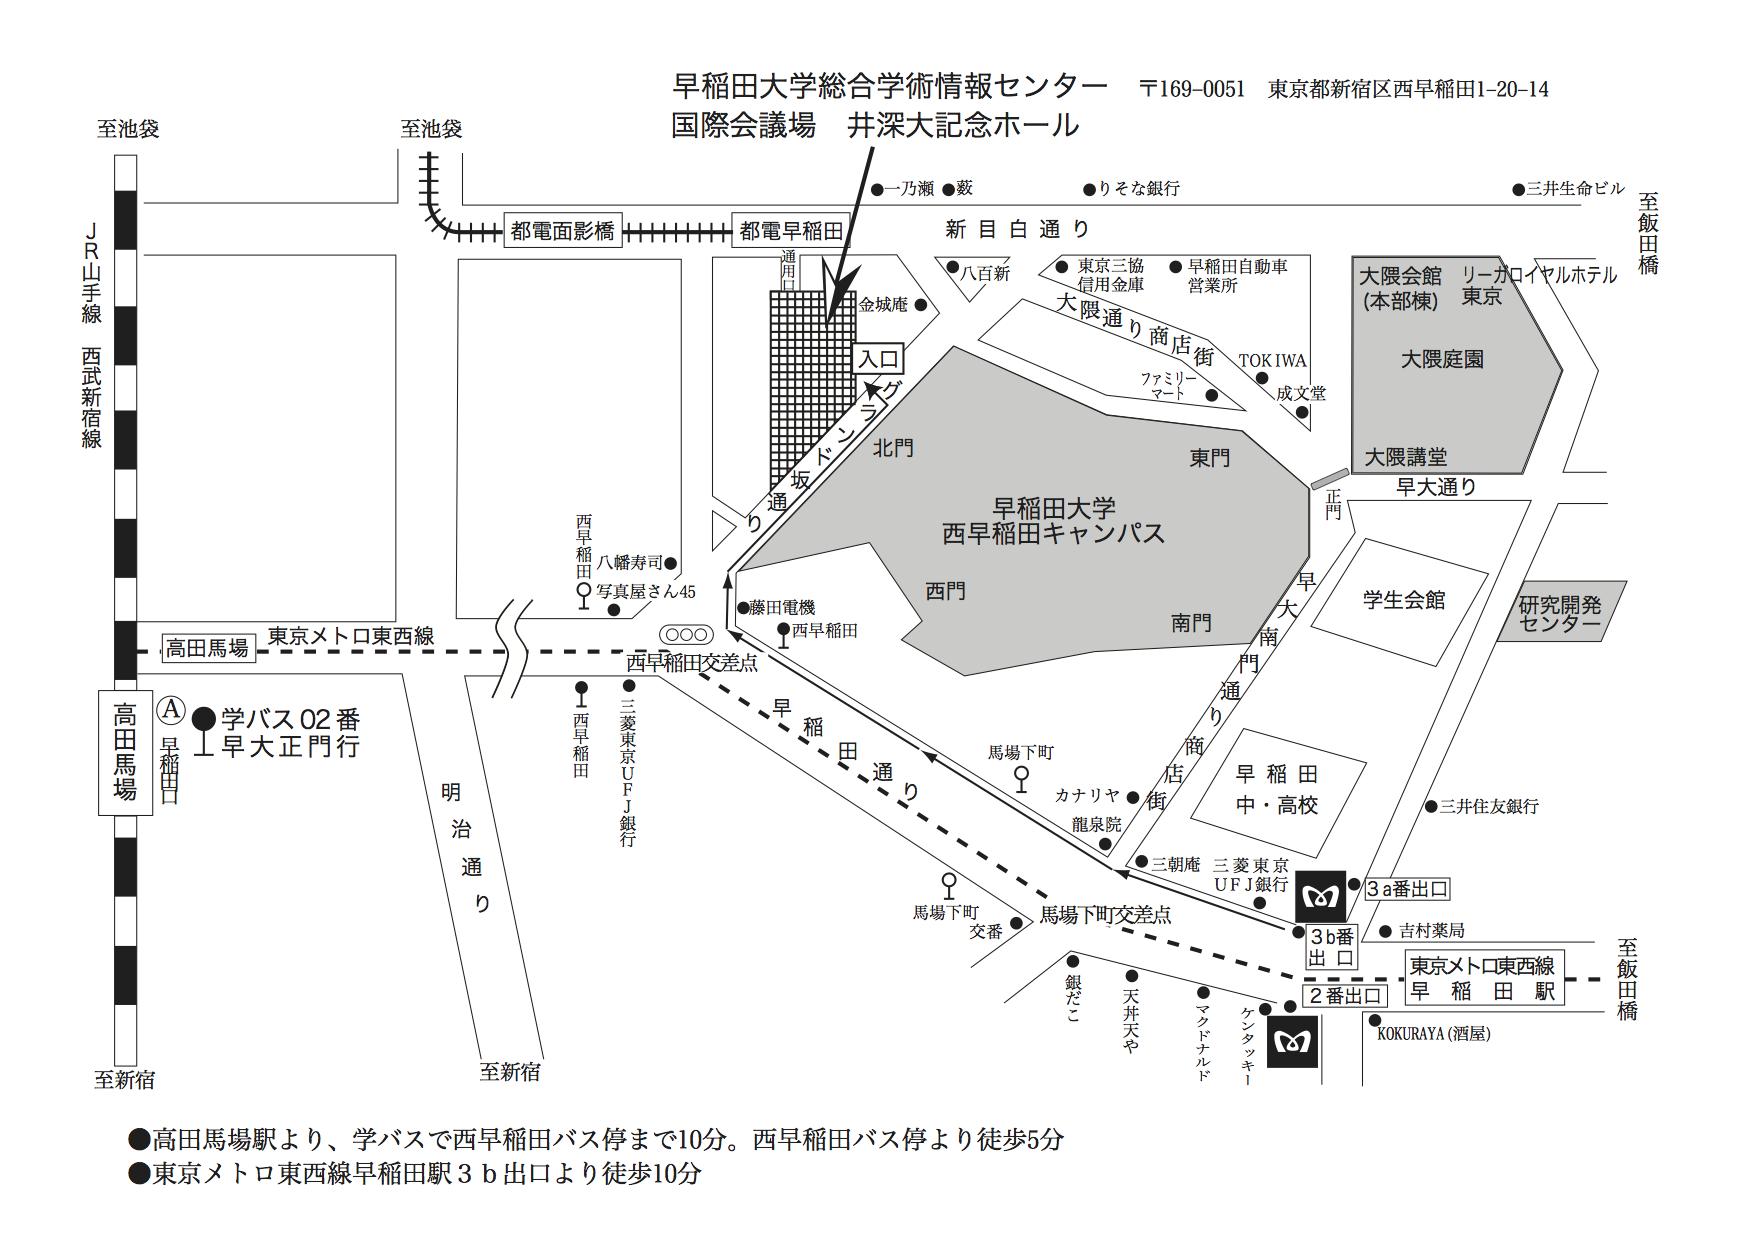 早稲田大学国材会議場会議室